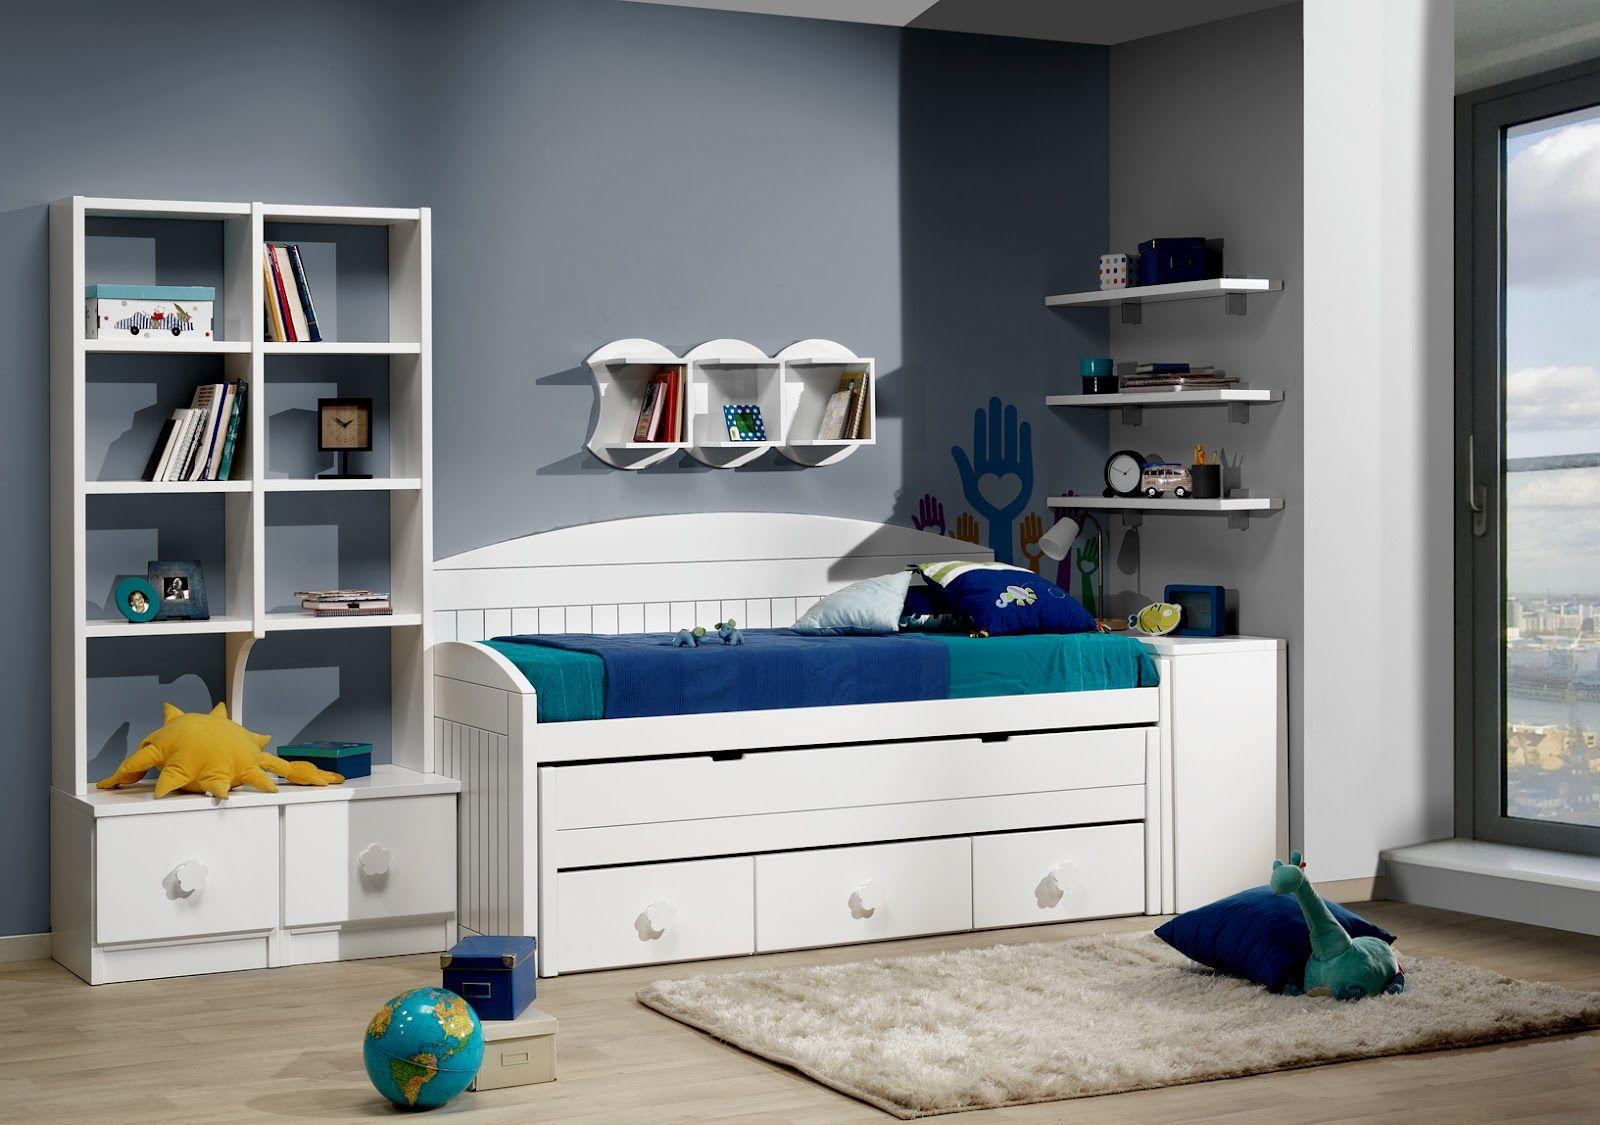 Dormitorios habitaciones juveniles e infantiles lacadas - Dormitorios juveniles ninas ...